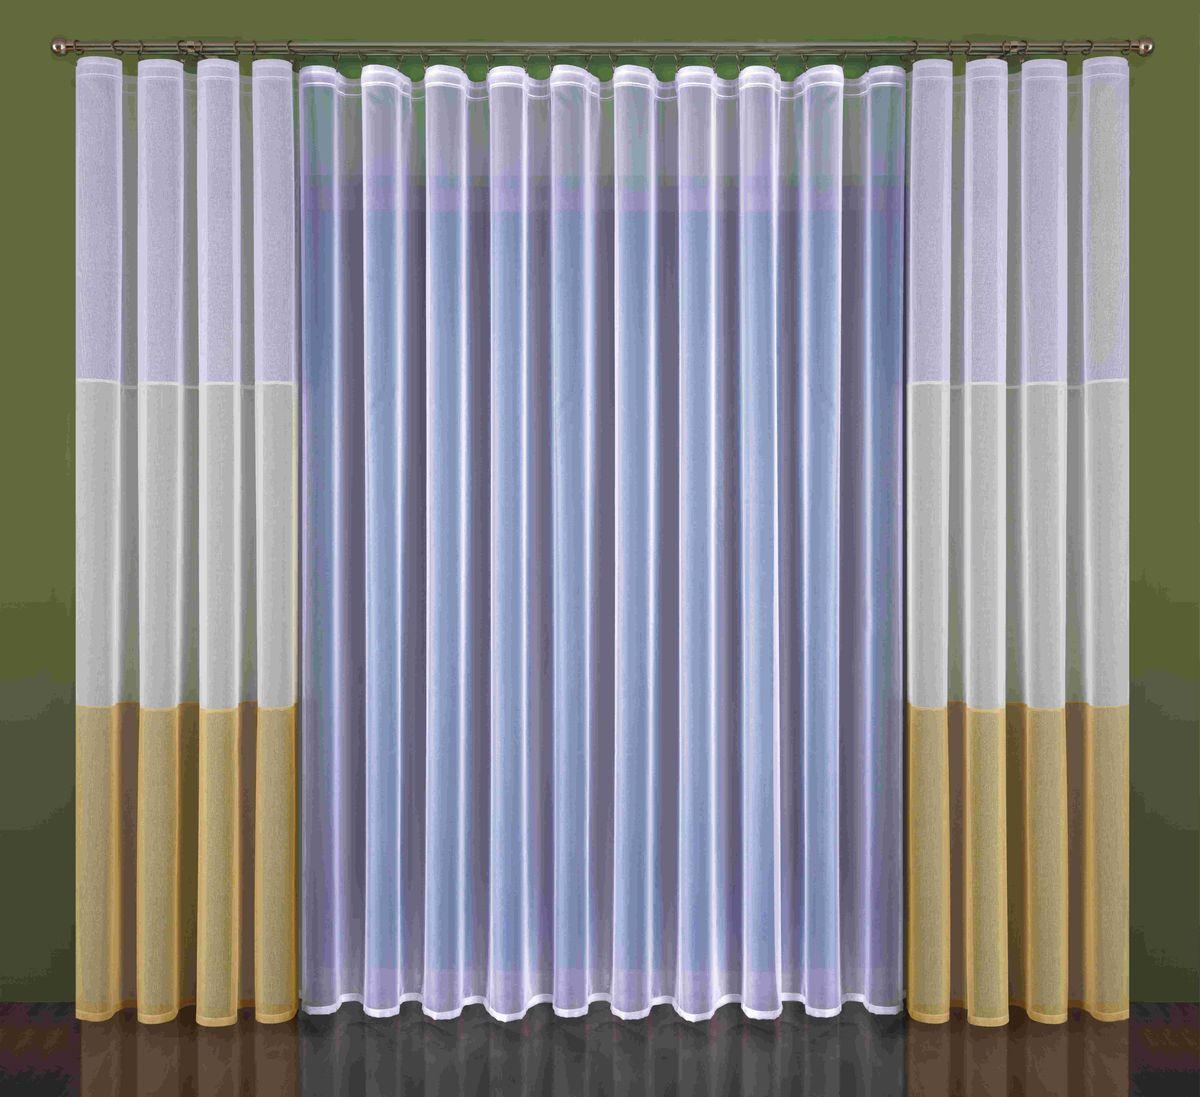 Комплект штор Wisan Kleonia, на ленте, цвет: белый, бежевый, высота 250 смBH-UN0502( R)Комплект штор Wisan Kleonia выполненный из полиэстера, великолепно украсит любое окно. В комплект входят 2 шторы и плотный тюль.Оригинальный дизайн придает комплекту особый стиль и шарм. Качественный материал и тонкое плетение, нежная цветовая гамма и роскошное исполнение - все это делает шторы Wisan Kleonia замечательным дополнением интерьера помещения.Комплект оснащен шторной лентой для красивой сборки. В комплект входит: Тюль - 1 шт. Размер (ШхВ): 500 см х 250 см.Штора - 2 шт. Размер (ШхВ): 140 см х 250 см. Фирма Wisan на польском рынке существует уже более пятидесяти лет и является одной из лучших польских фабрик по производству штор и тканей. Ассортимент фирмы представлен готовыми комплектами штор для гостиной, детской, кухни, а также текстилем для кухни (скатерти, салфетки, дорожки, кухонные занавески). Модельный ряд отличает оригинальный дизайн, высокое качество. Ассортимент продукции постоянно пополняется.